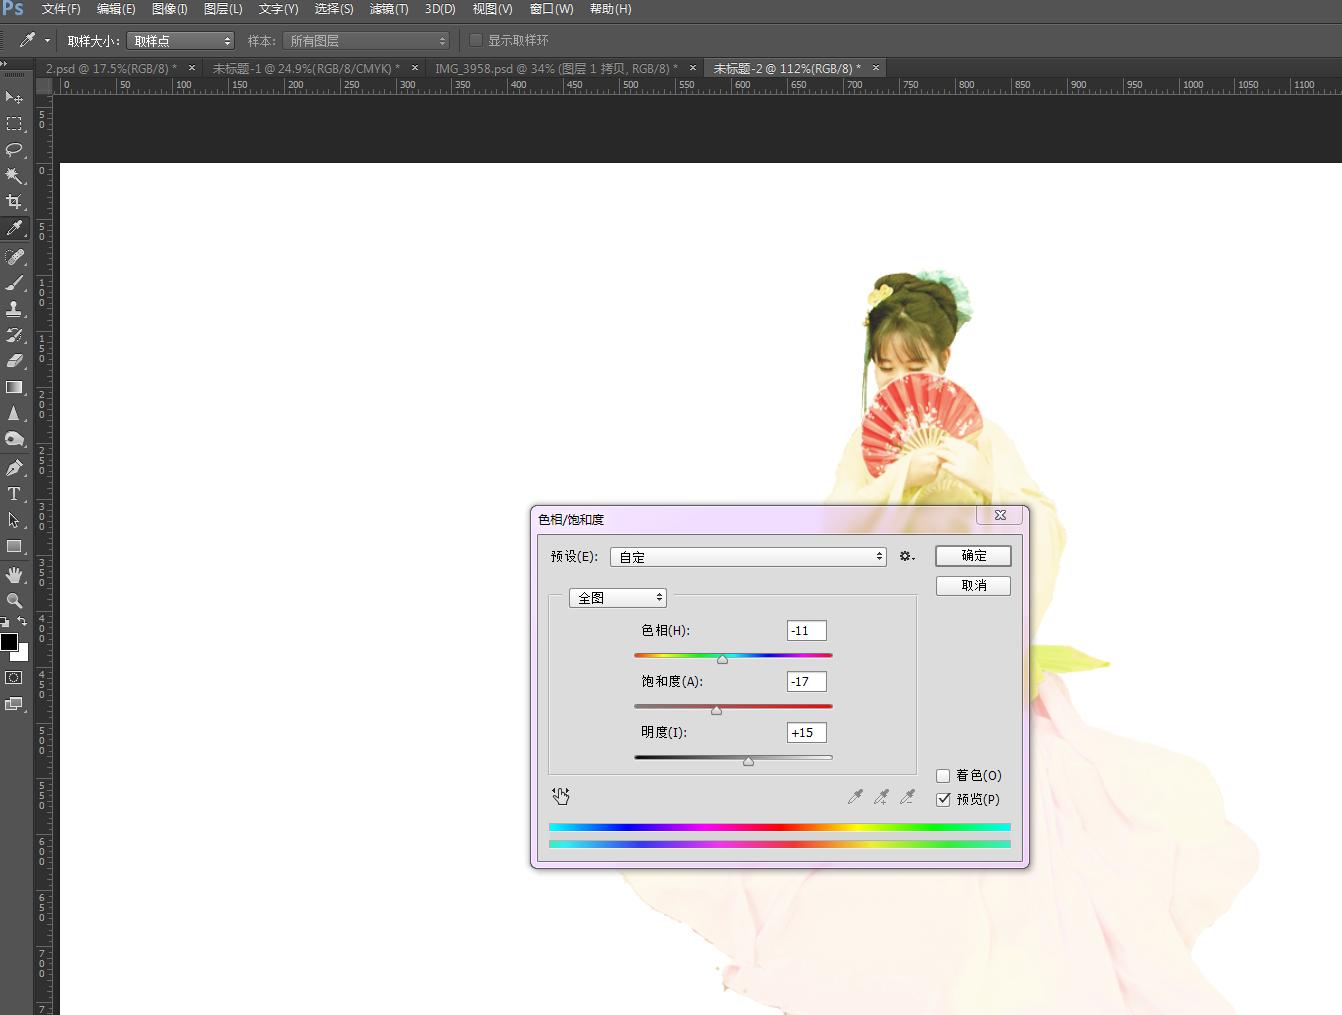 ppt 背景 背景图片 边框 模板 屏幕截图 软件窗口截图 设计 相框 1342